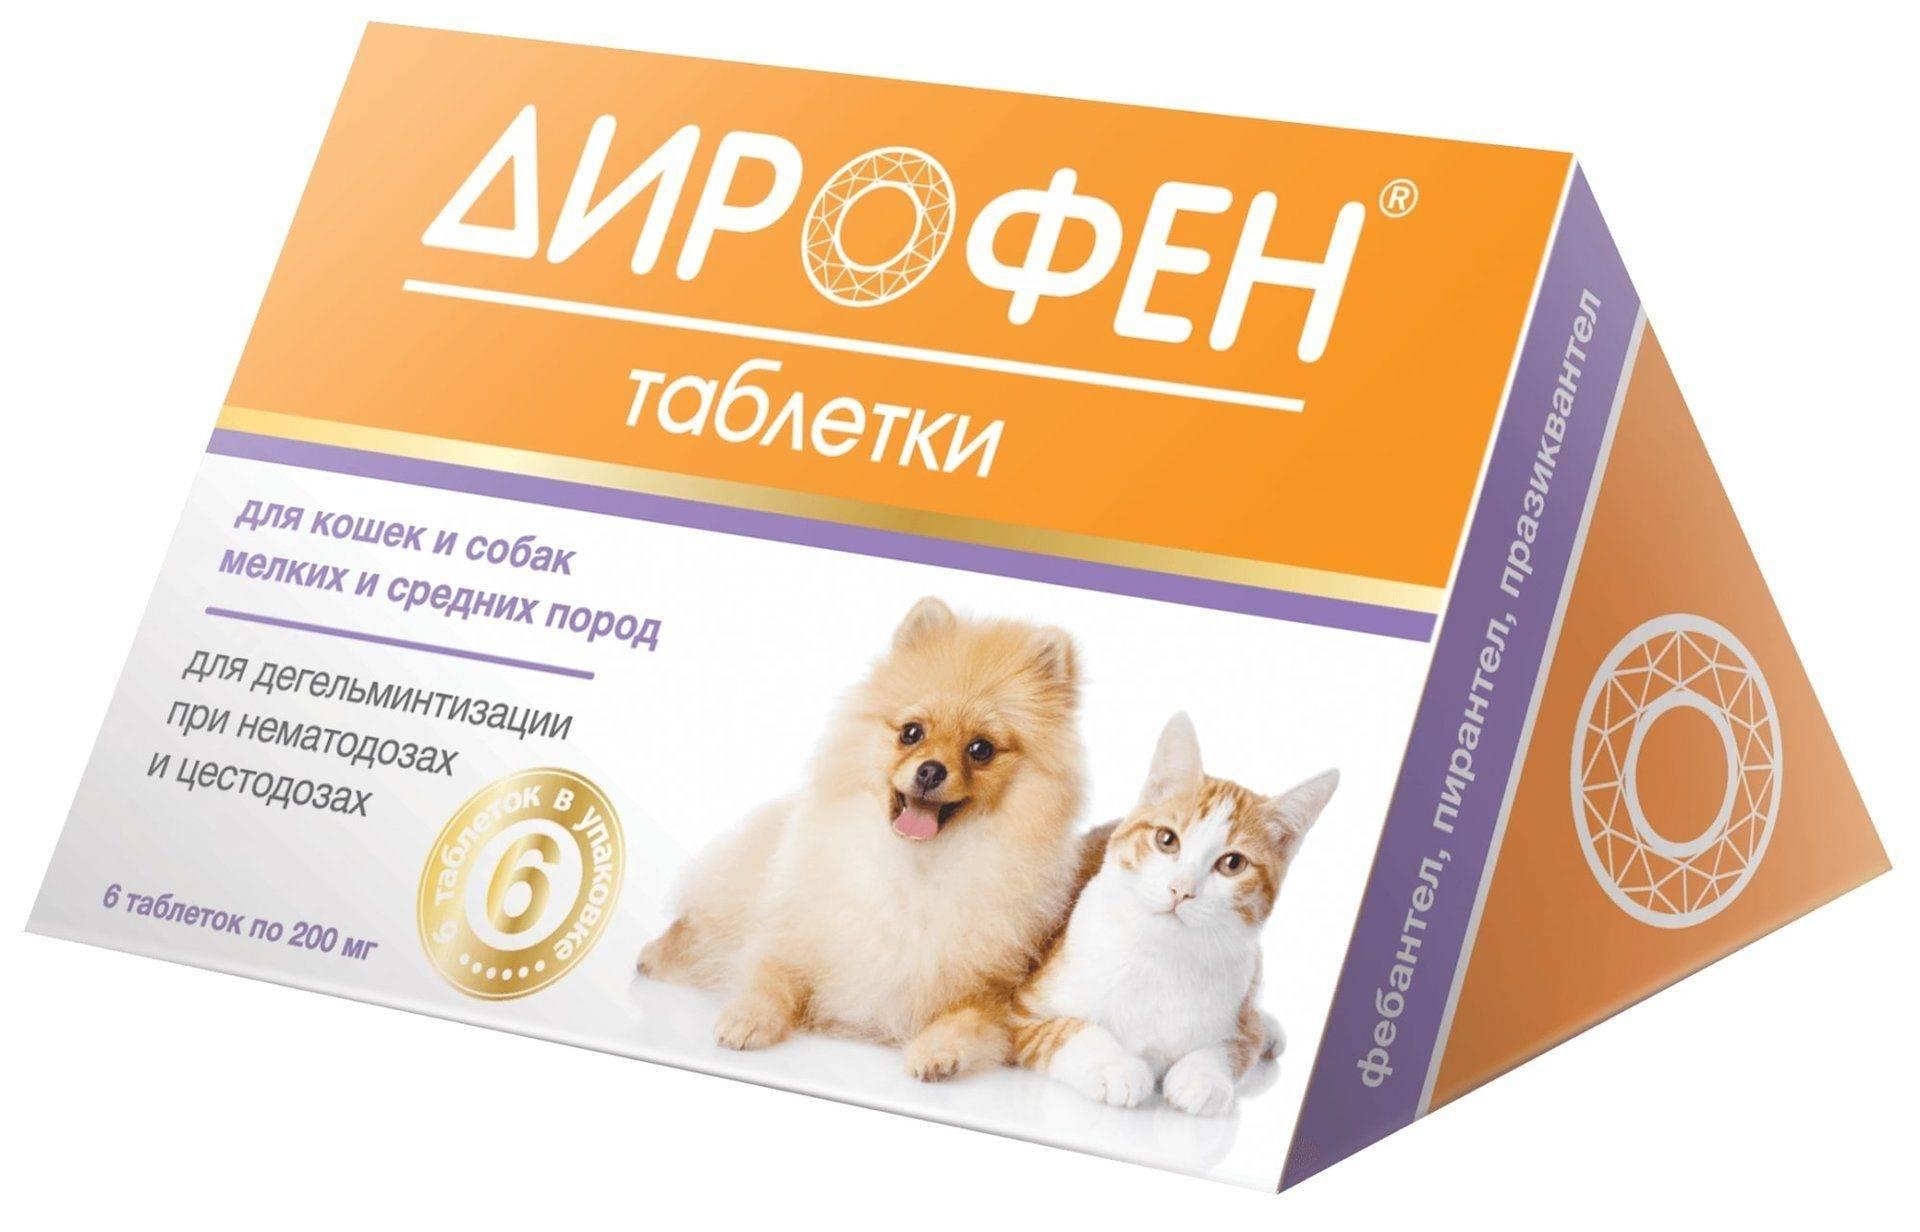 Дирофен-суспензия 60 для взрослых собак и кошек, 10 мл